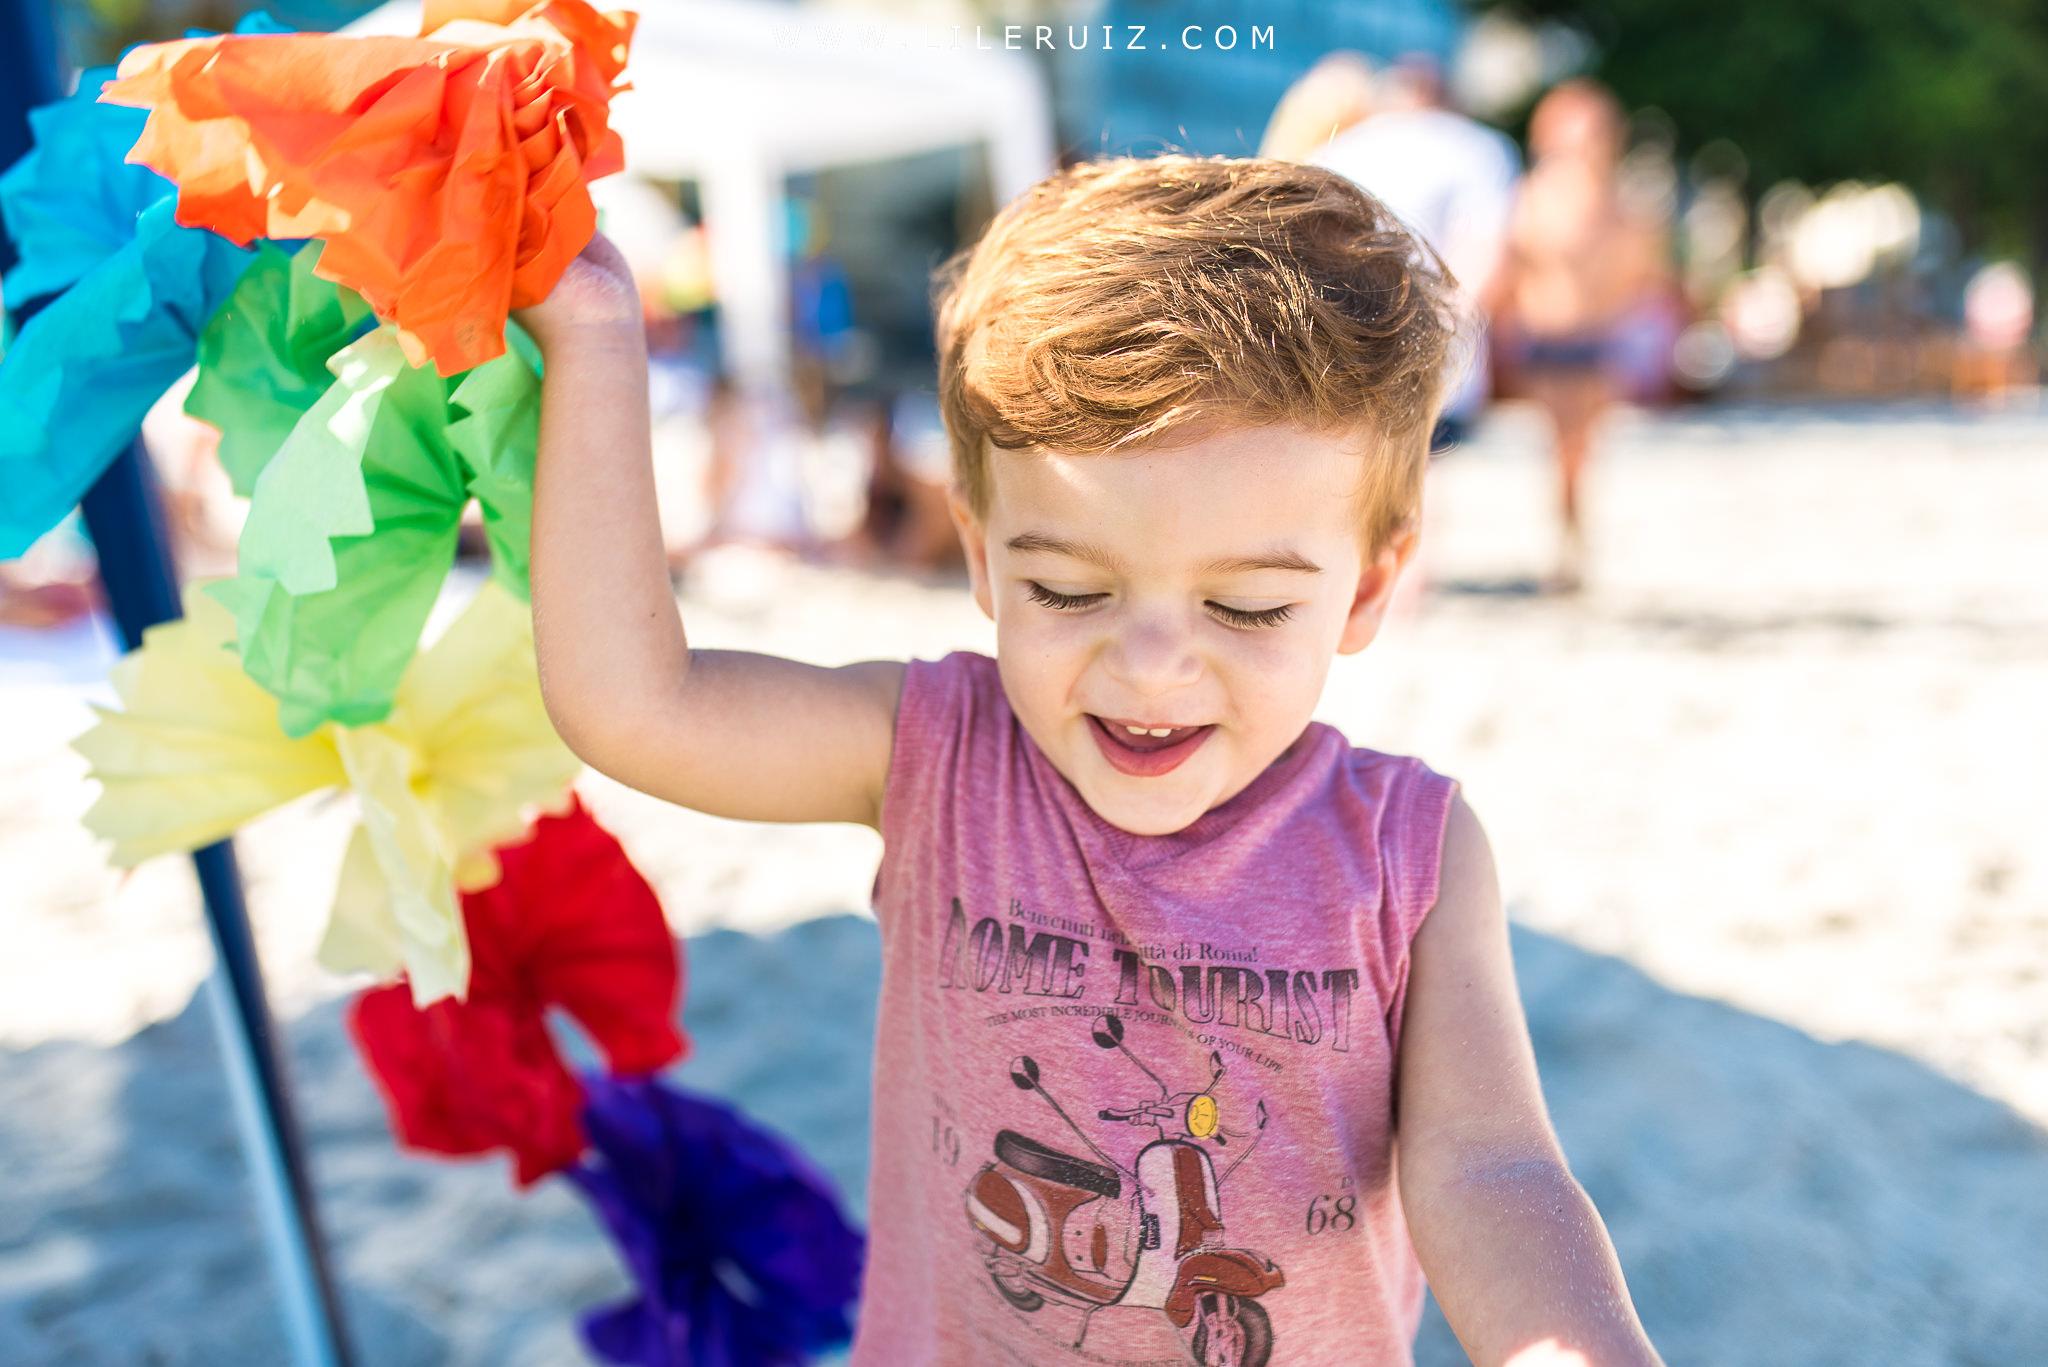 LileRuiz_aniversario_picnic_niteroi-281.jpg